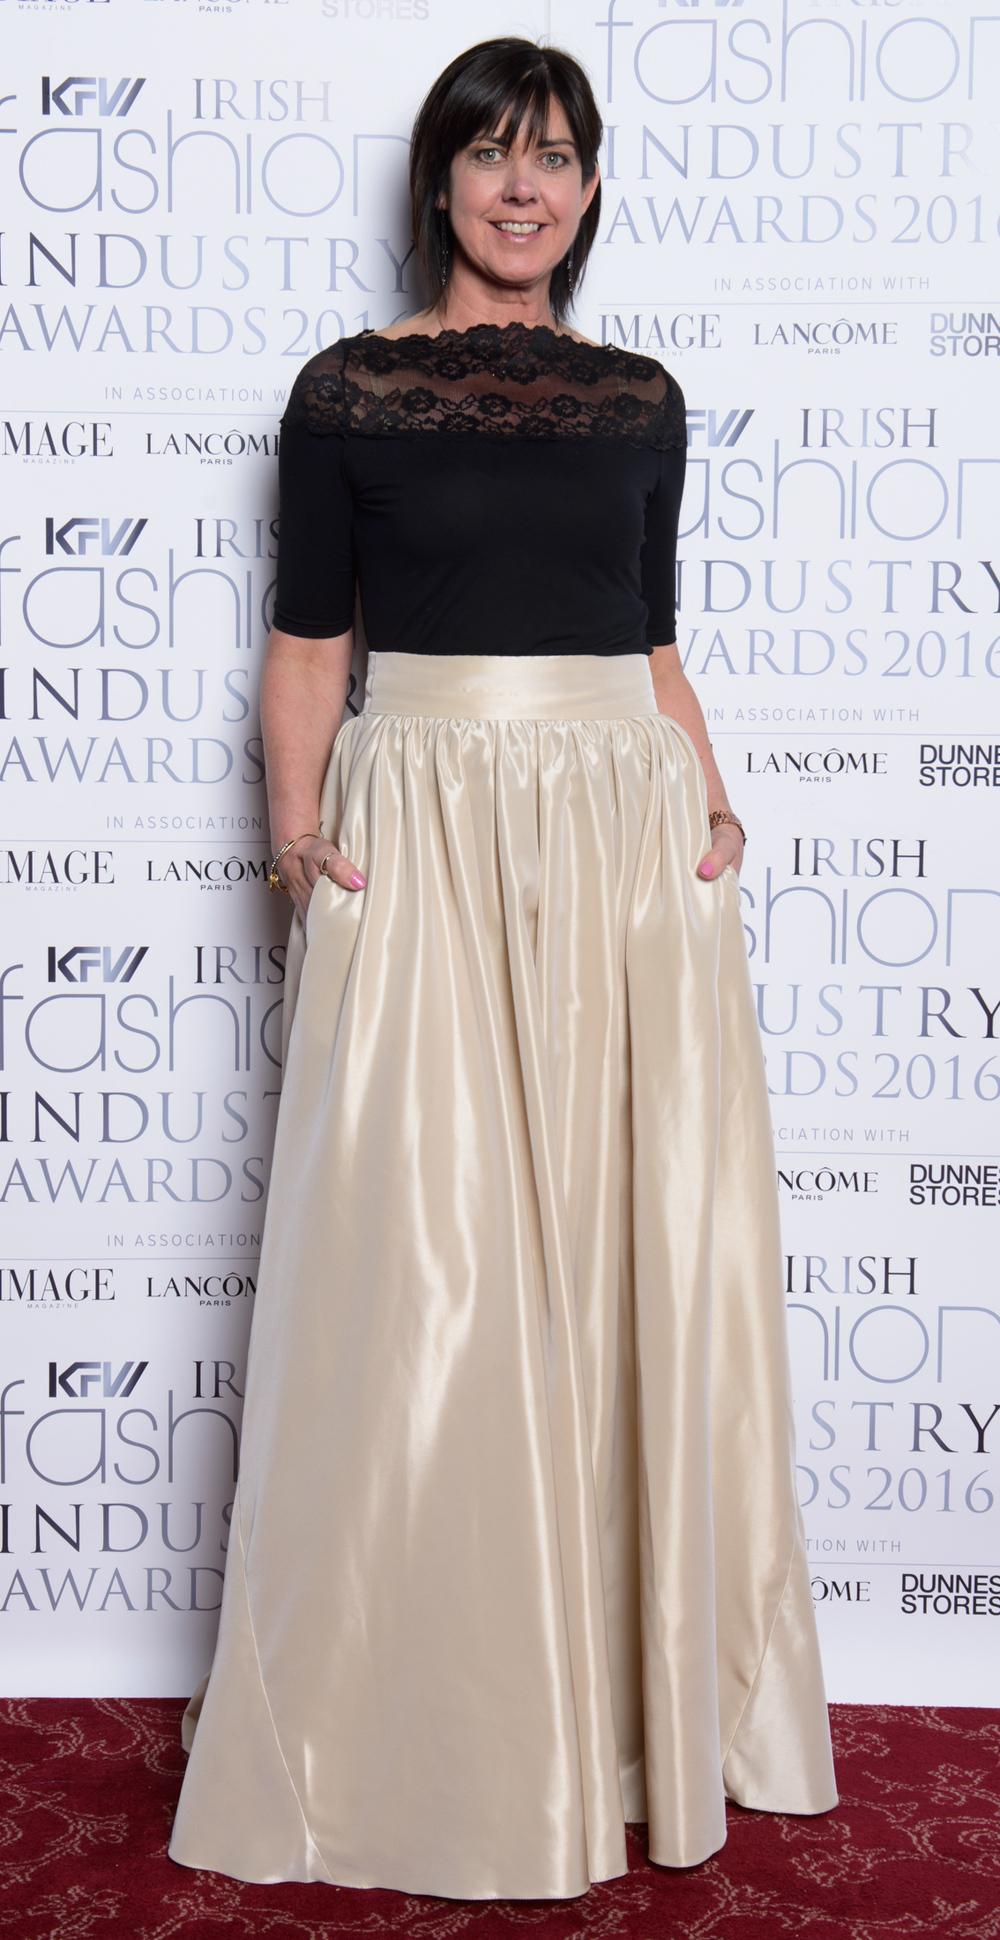 KFW16_Irish Fashion Industry Awards_10321.JPG